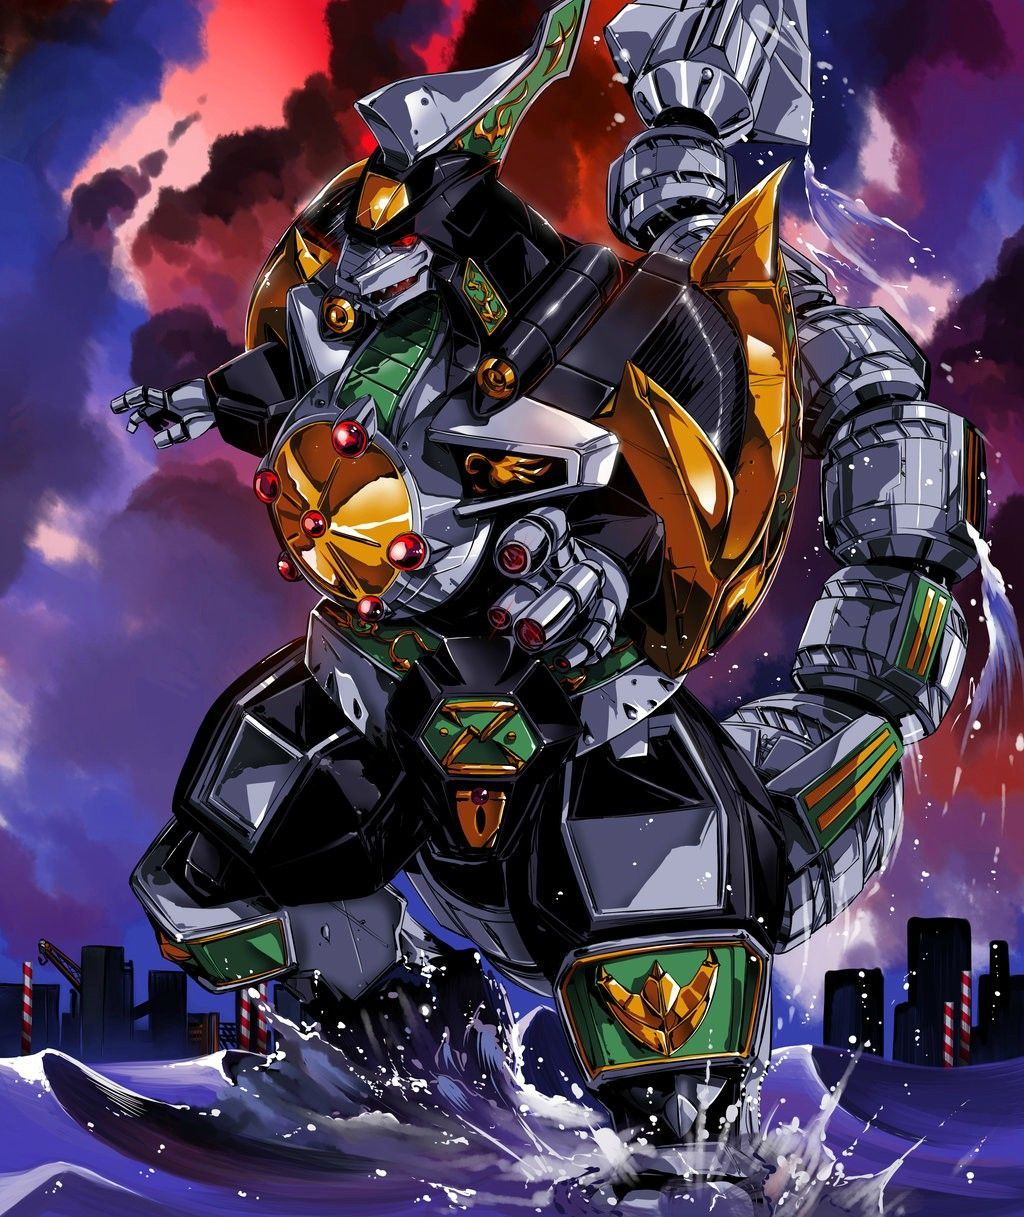 Mighty Morphin Power Rangers Wallpaper: Resultado De Imagem Para Dragonzord Wallpaper